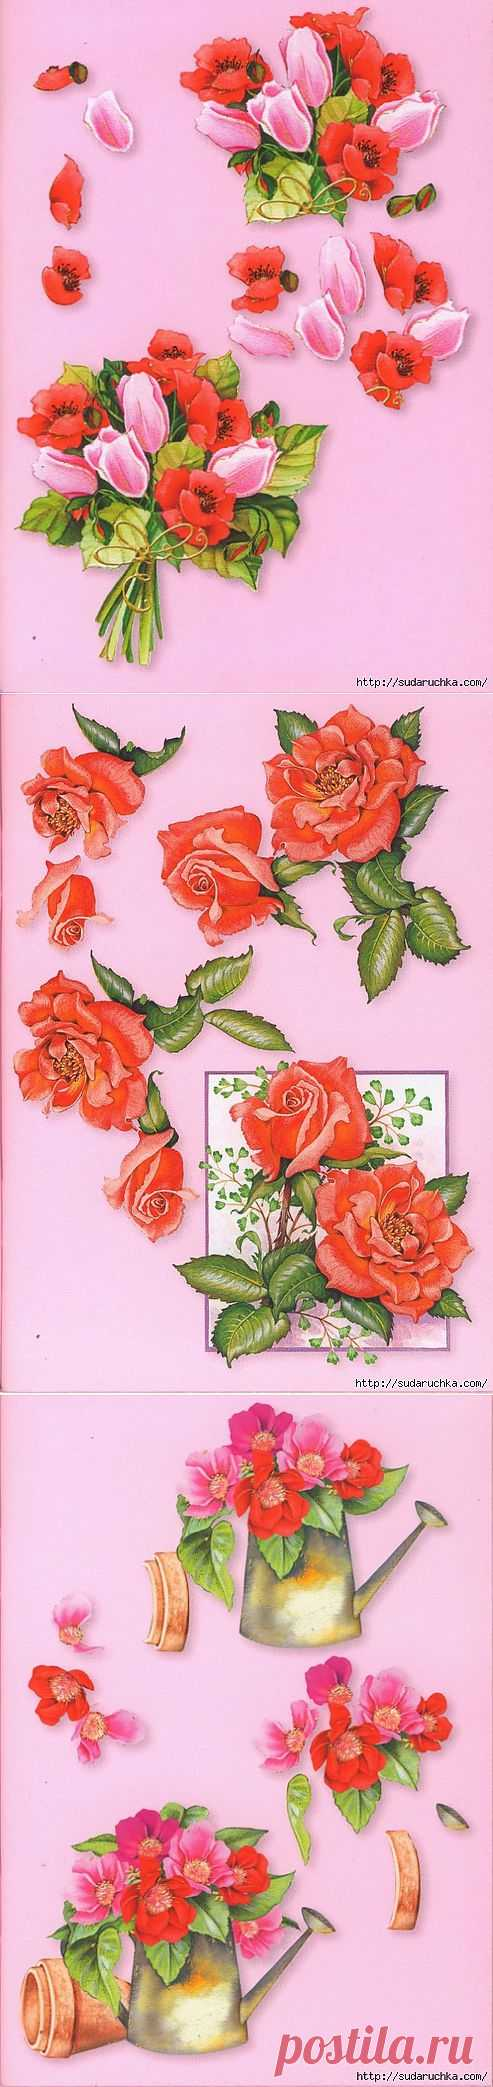 3 D мини картинки для скрапбукинга - цветы..